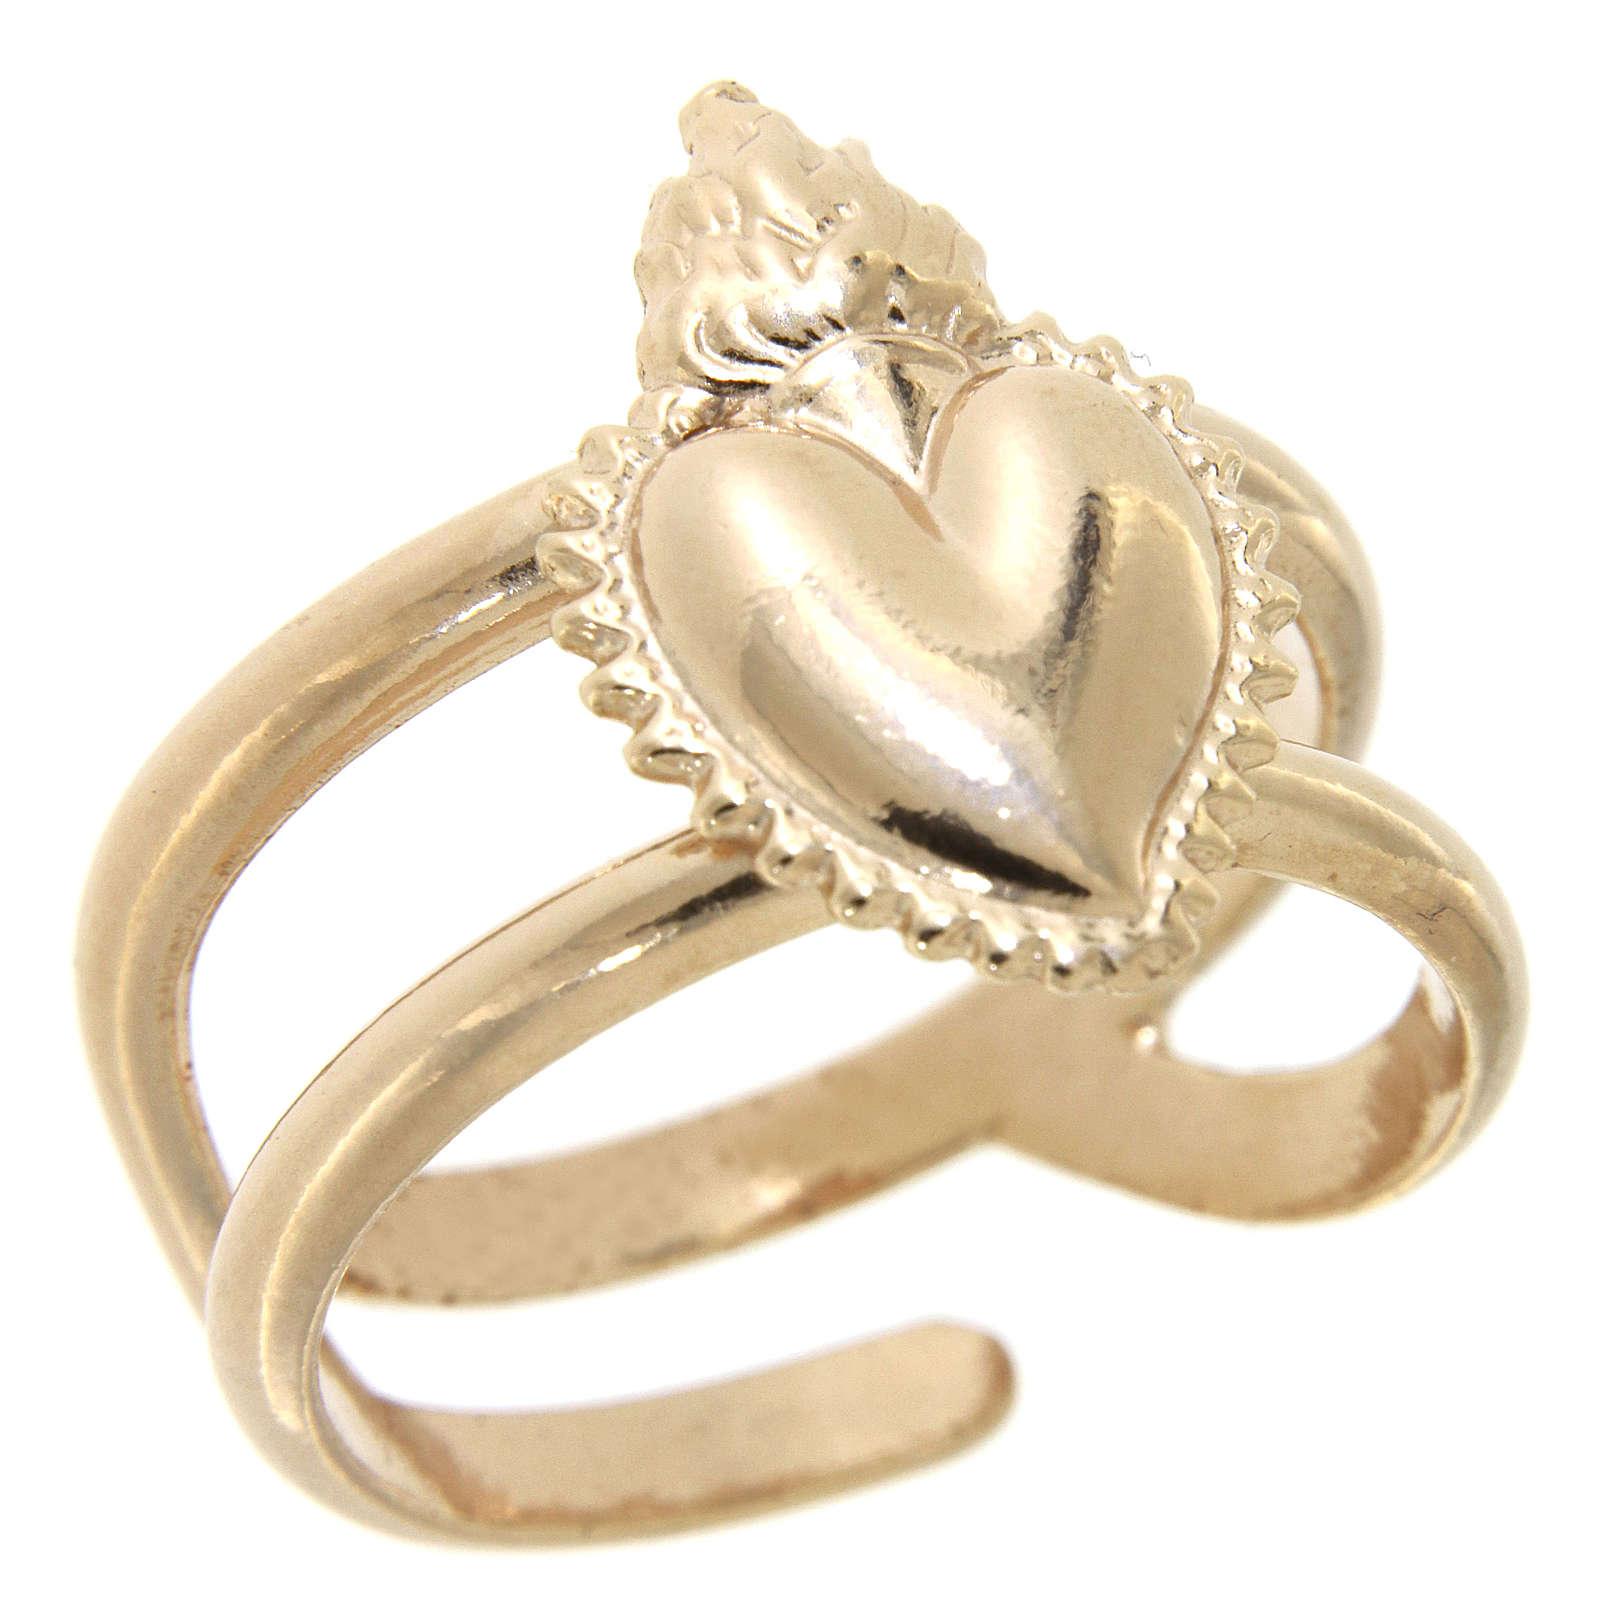 Pierścionek różowawy ze srebra 925 z sercem wotywnym pełnym regulowany 3